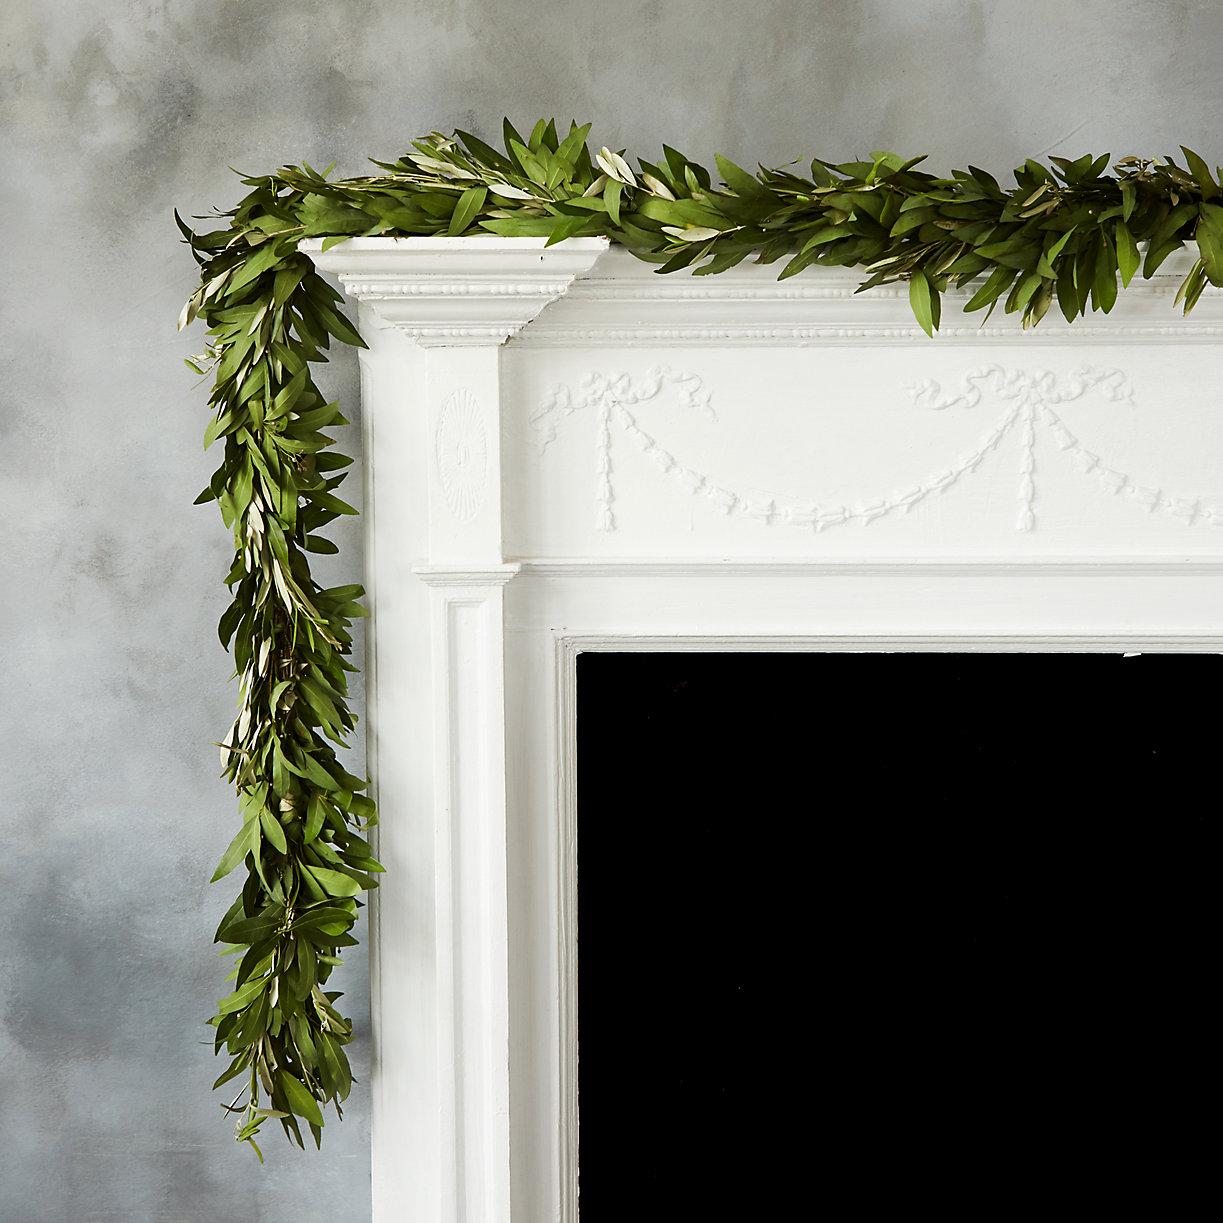 Bay leaf garland on a white mantel